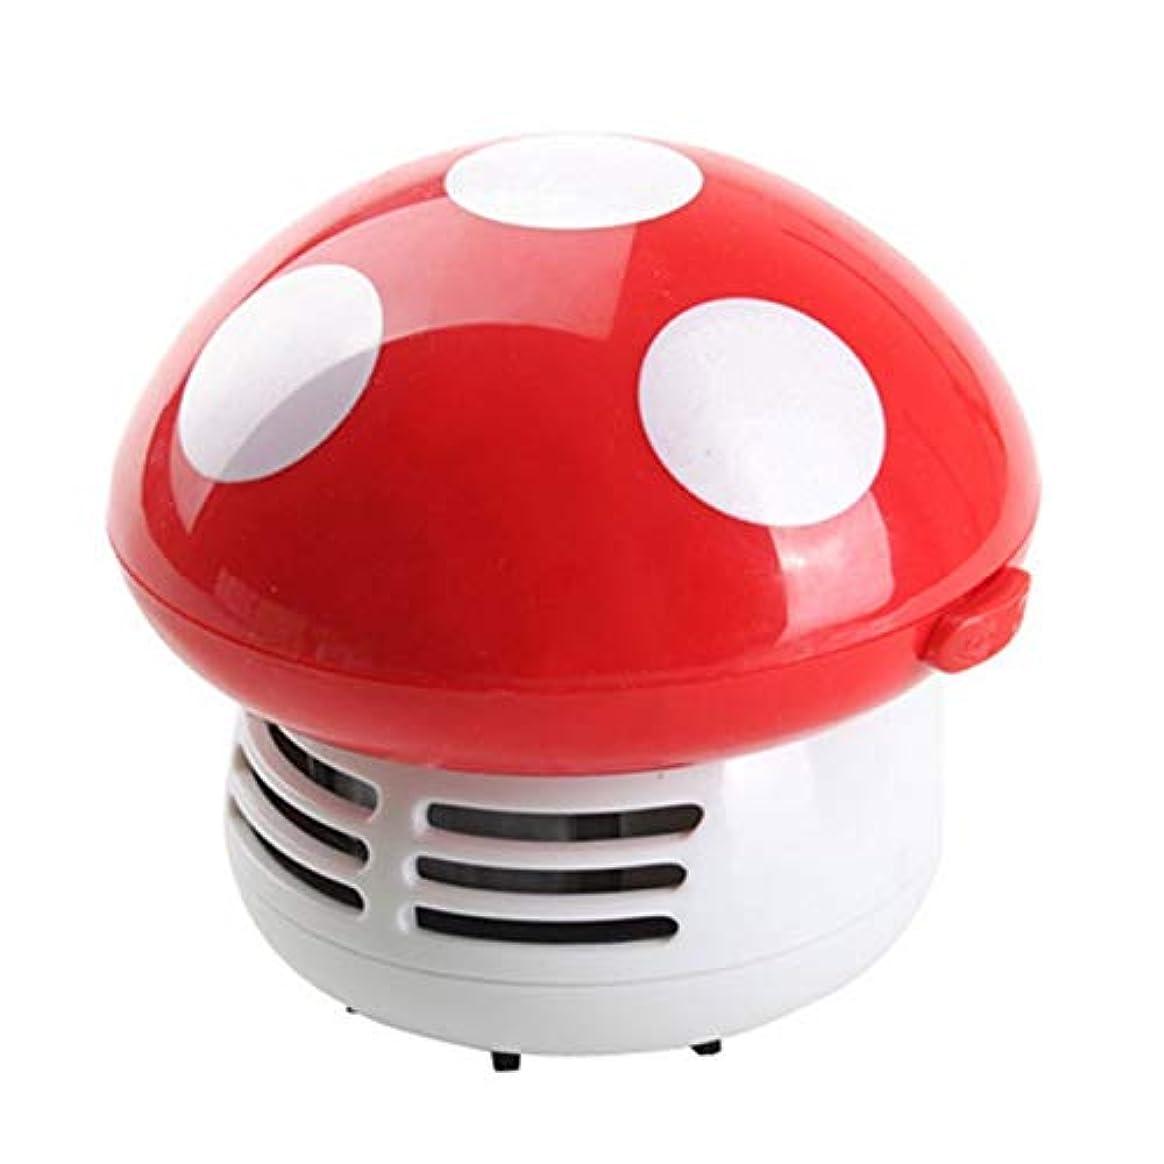 修理可能十代顕著Saikogoods ミニ きのこ デスククリーナー 掃除機 カー家庭用コンピュータのためのかわいい コーナーデスクテーブルクリーナー 集塵機 スイーパー 赤